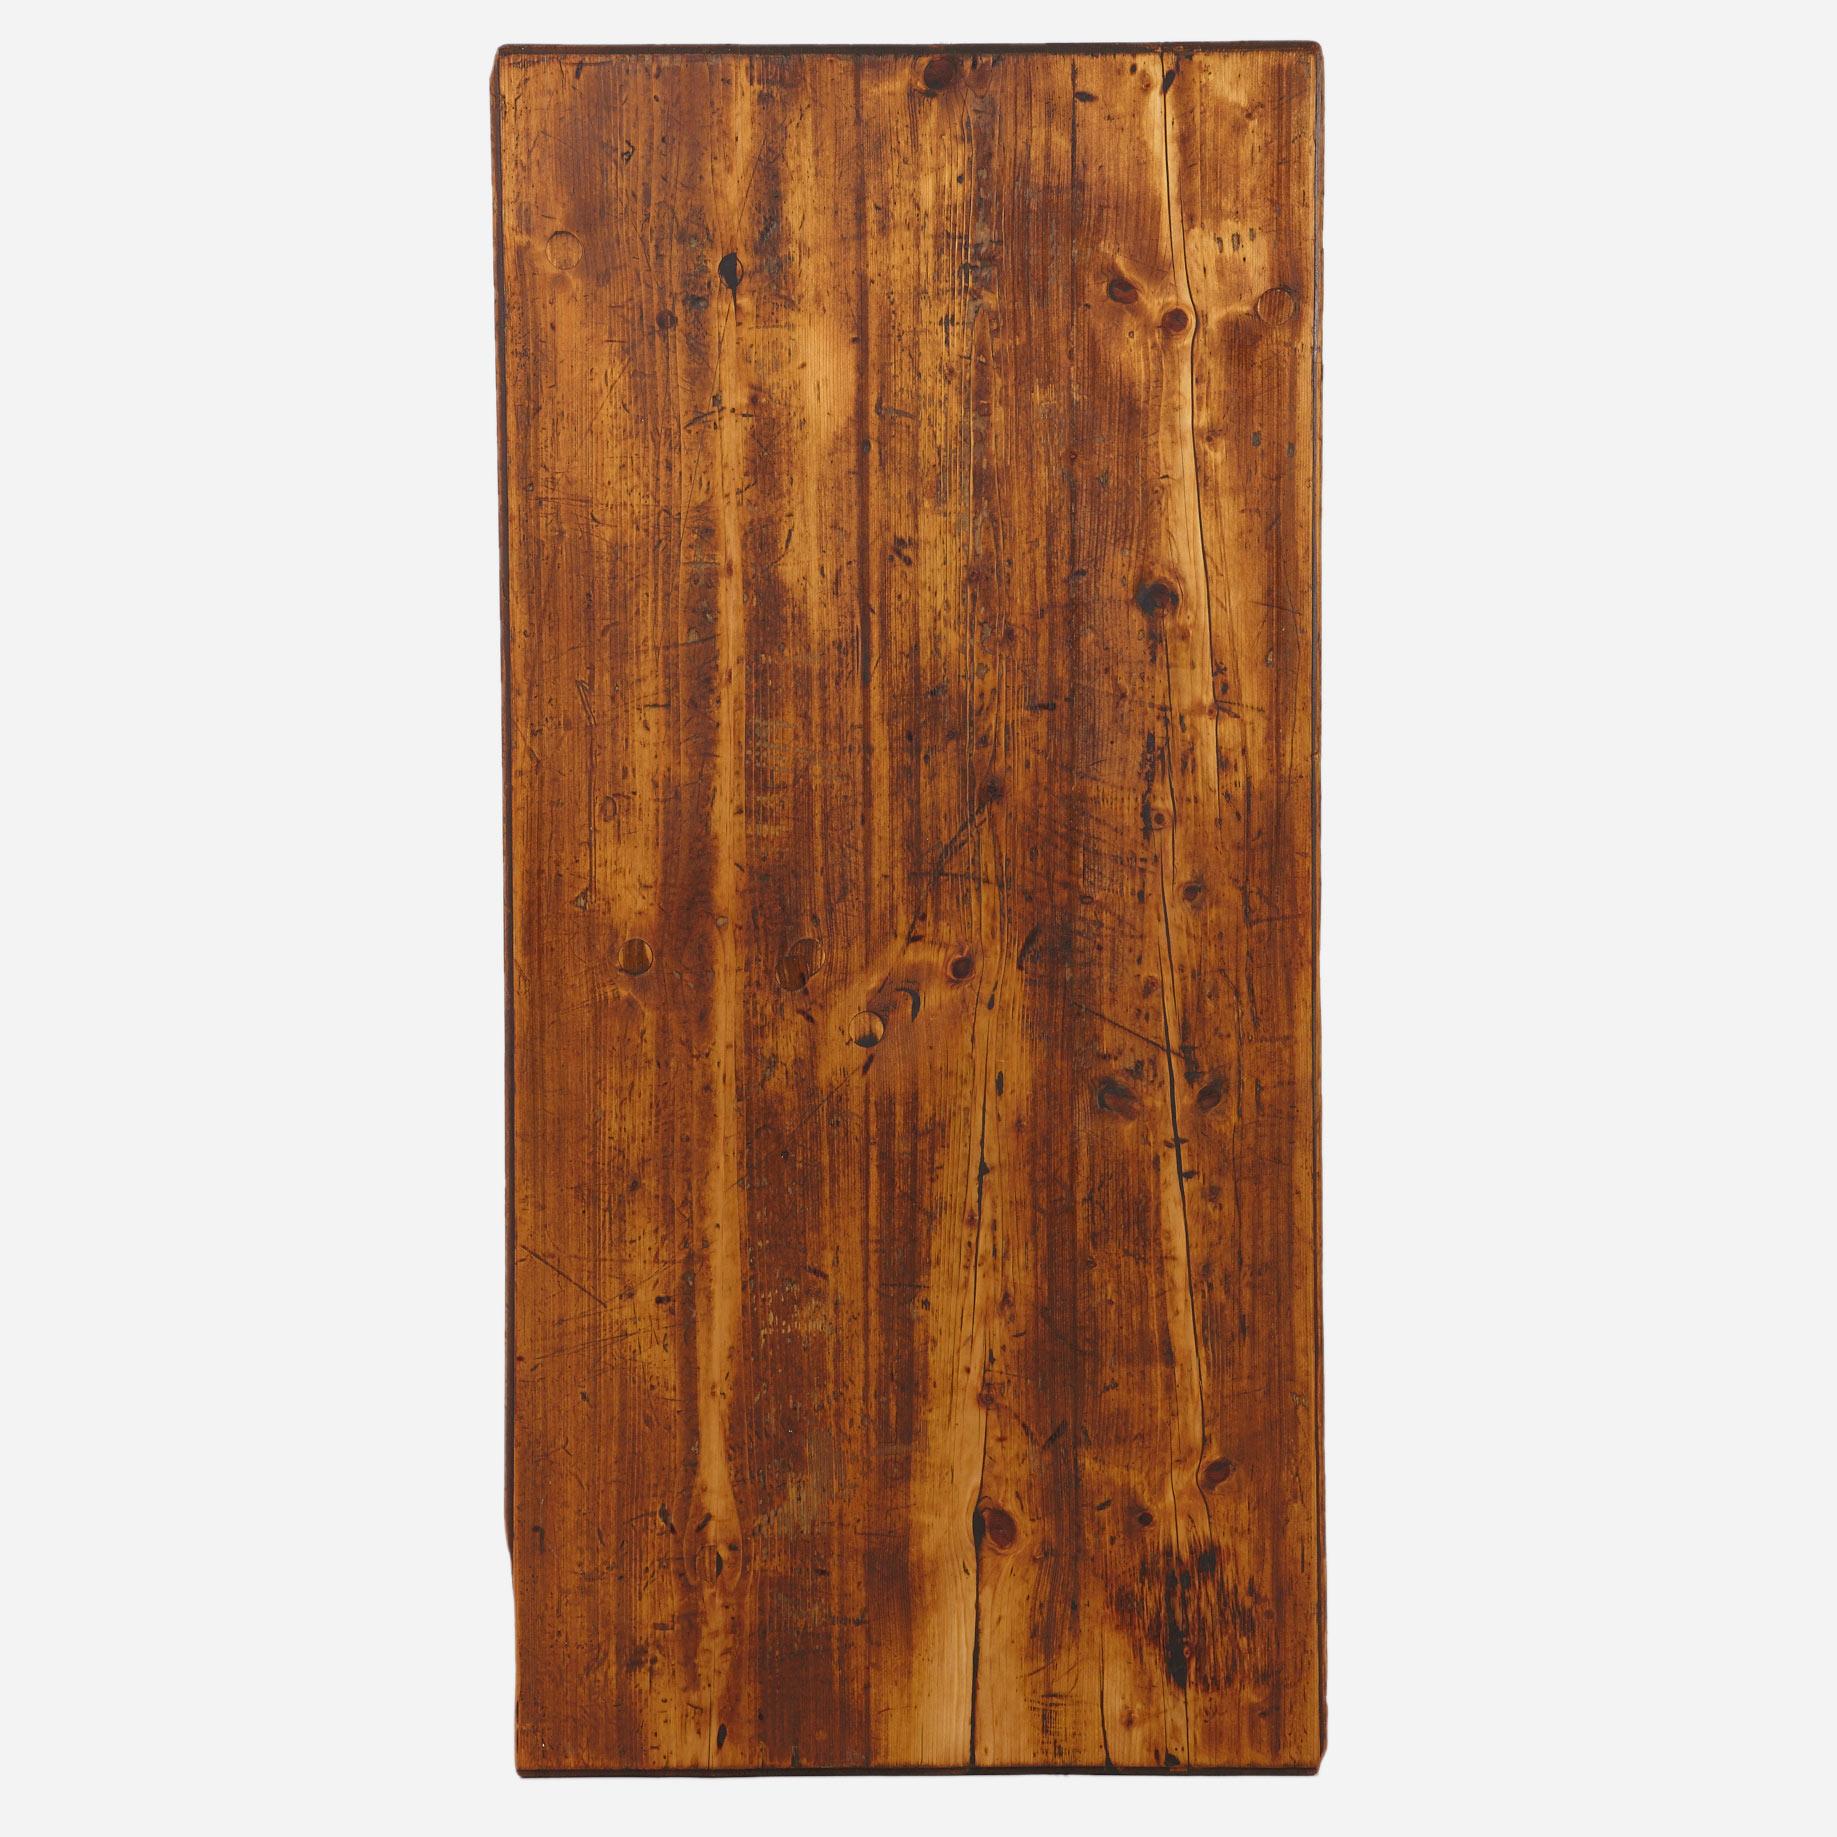 beizentischplatte aus fichtenholz geschliffen und ge lt. Black Bedroom Furniture Sets. Home Design Ideas